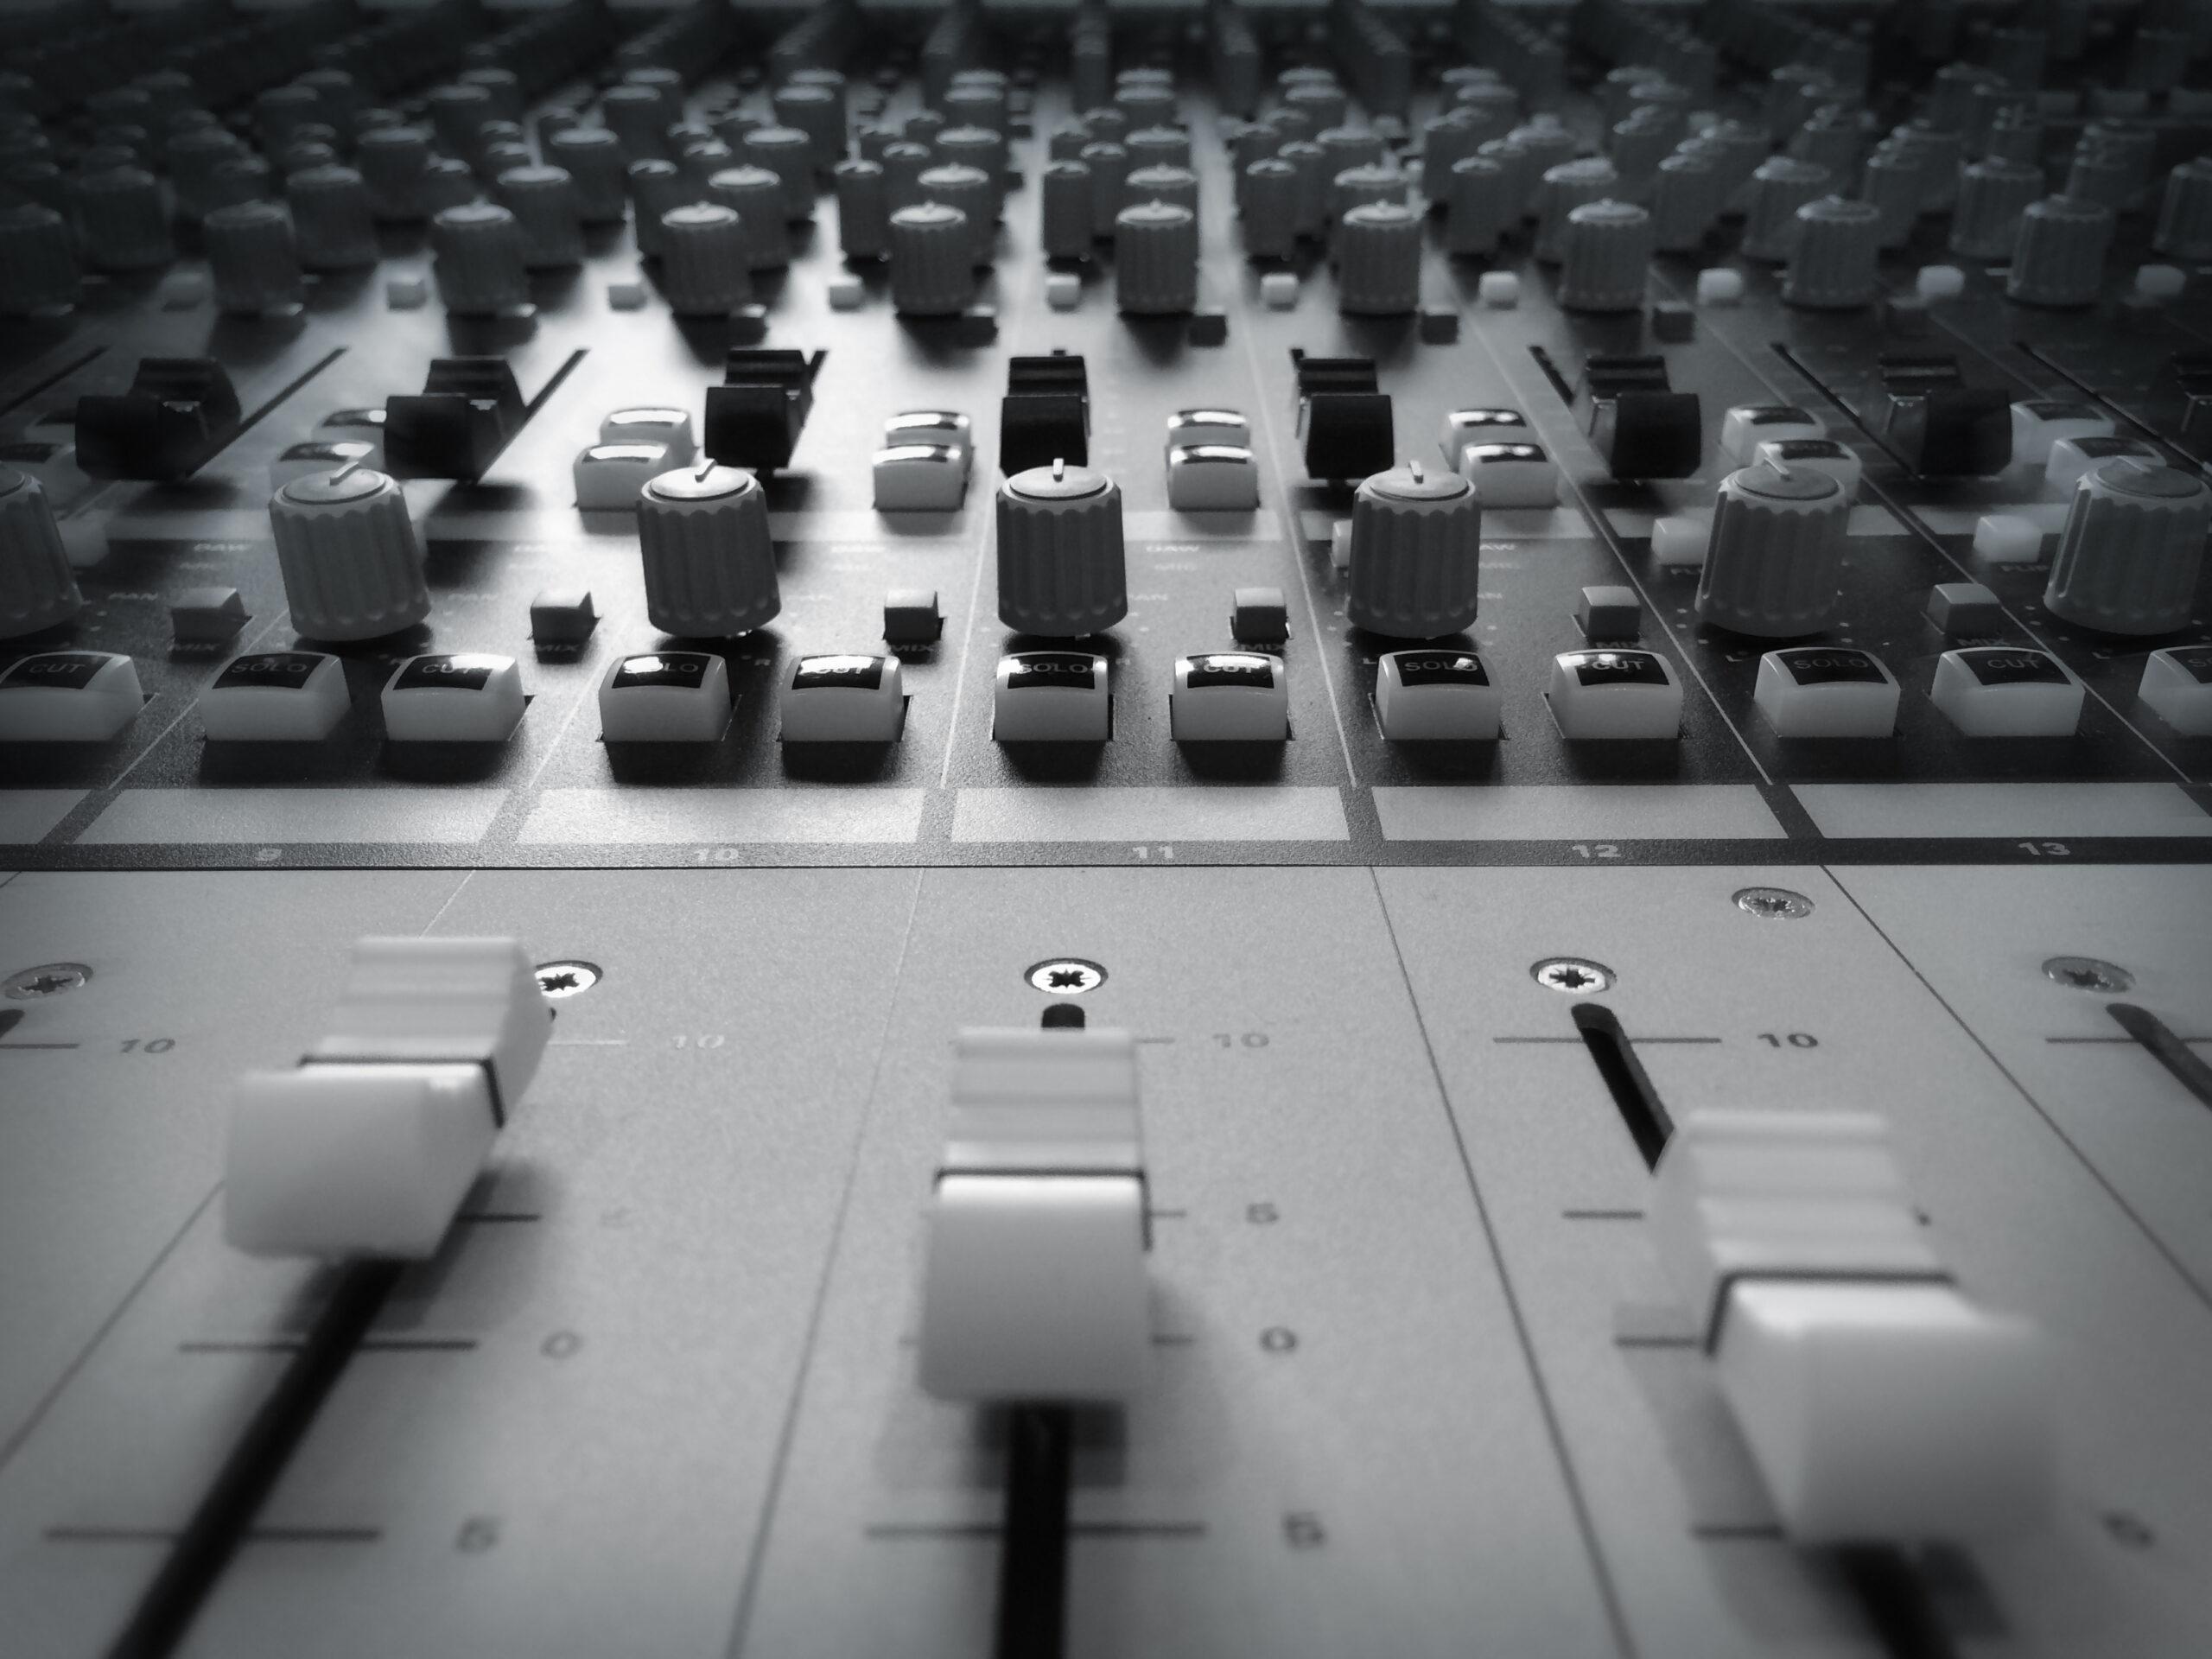 Slipway-Studio_Audient-ASP4816_desk_04